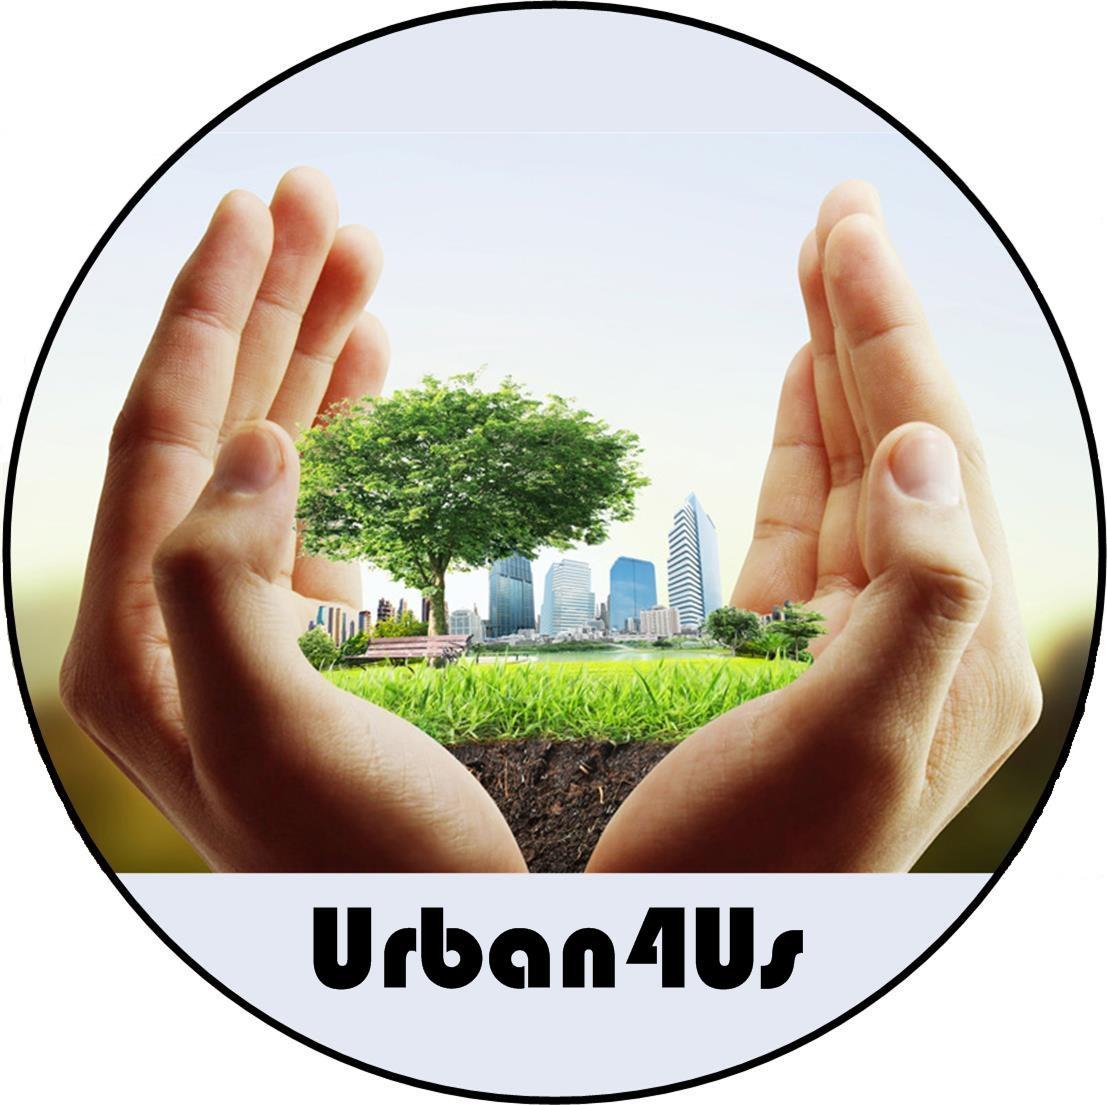 Urban4Us